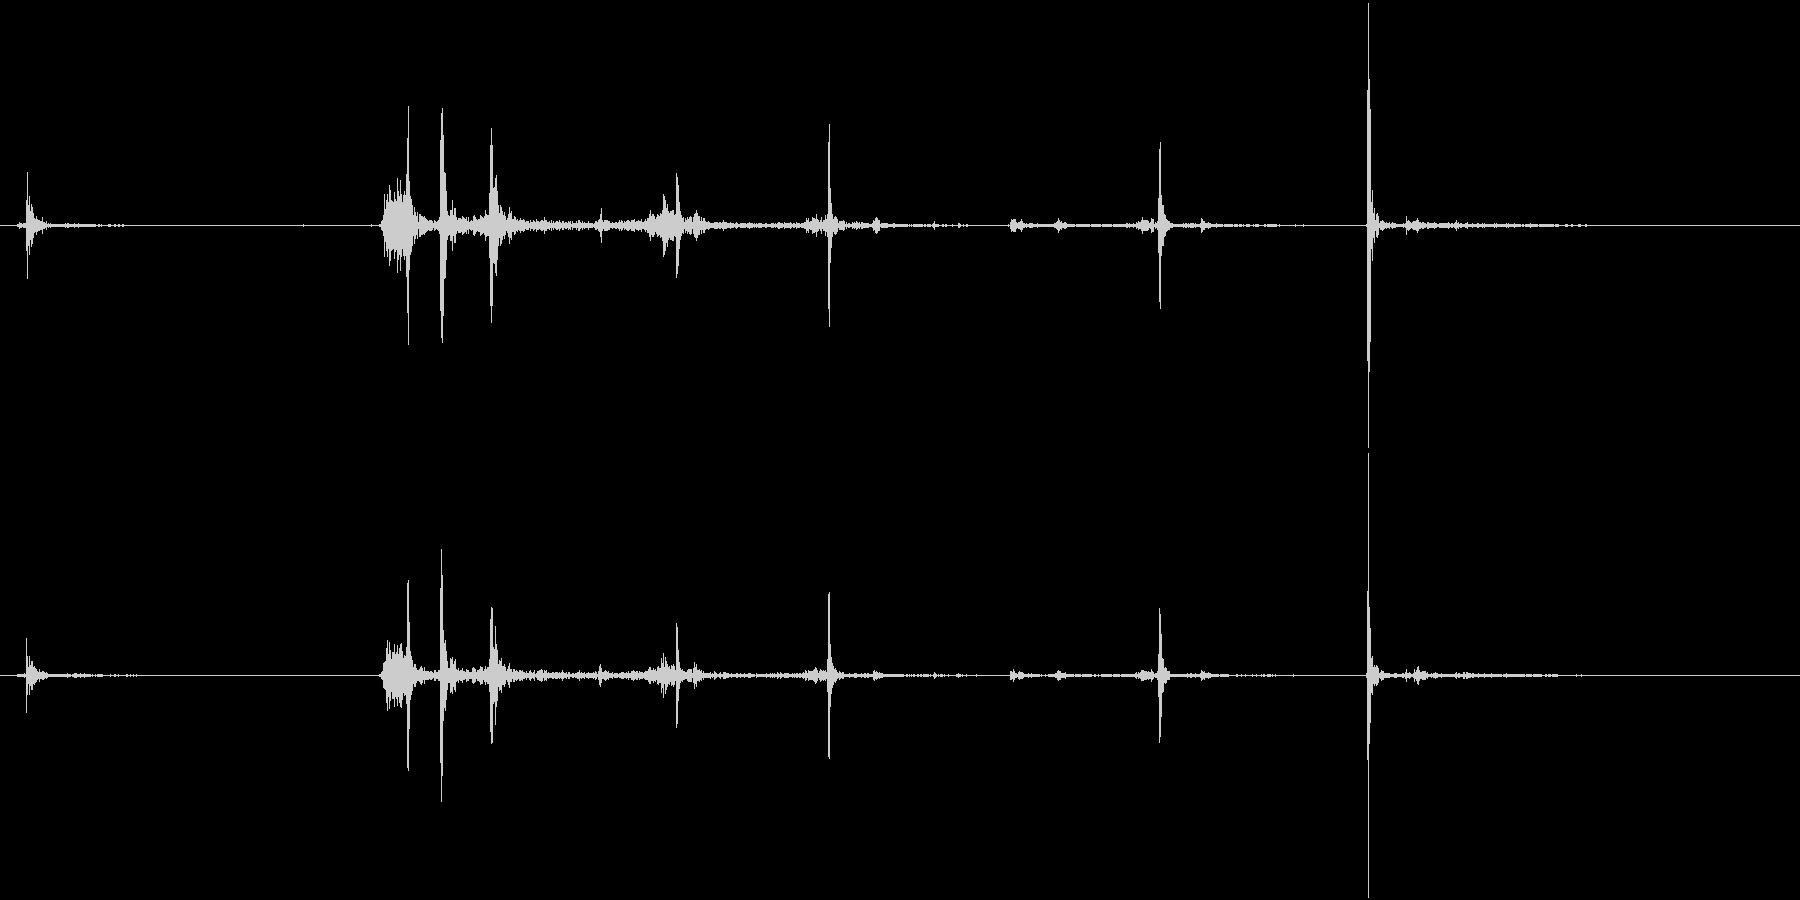 【生録音】カッターナイフの音 11の未再生の波形